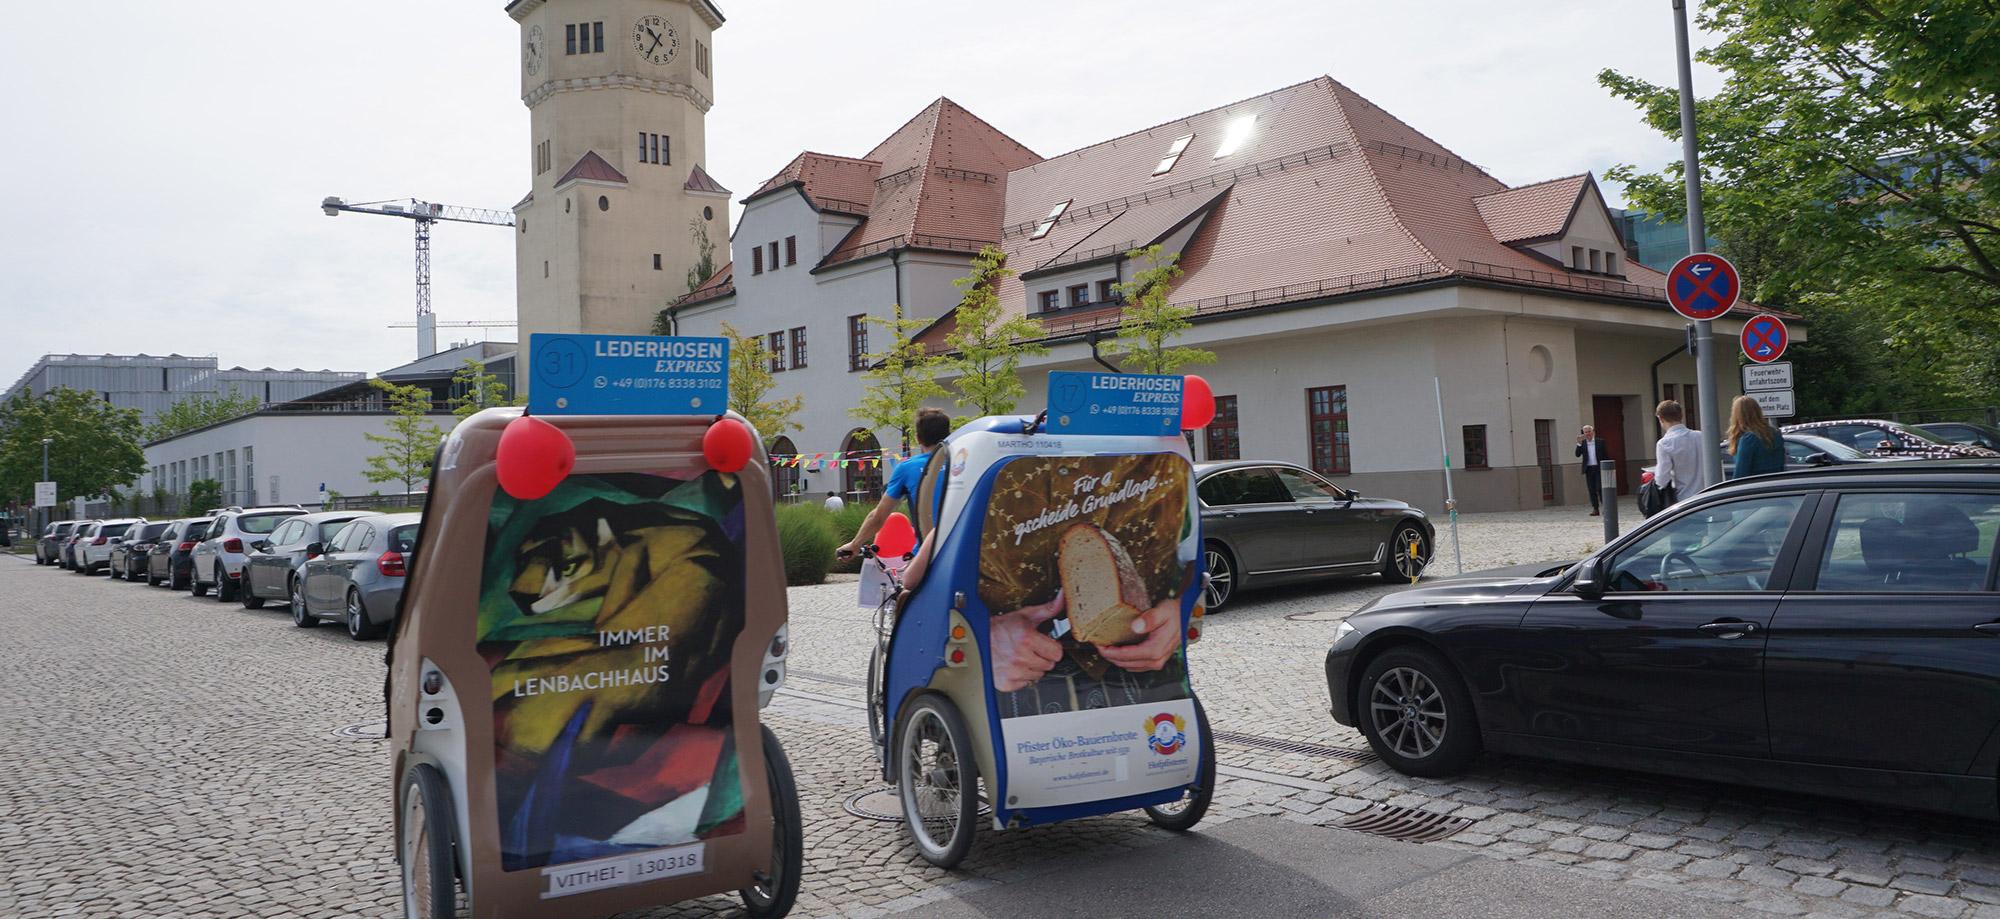 Lenbachhaus Rikschas